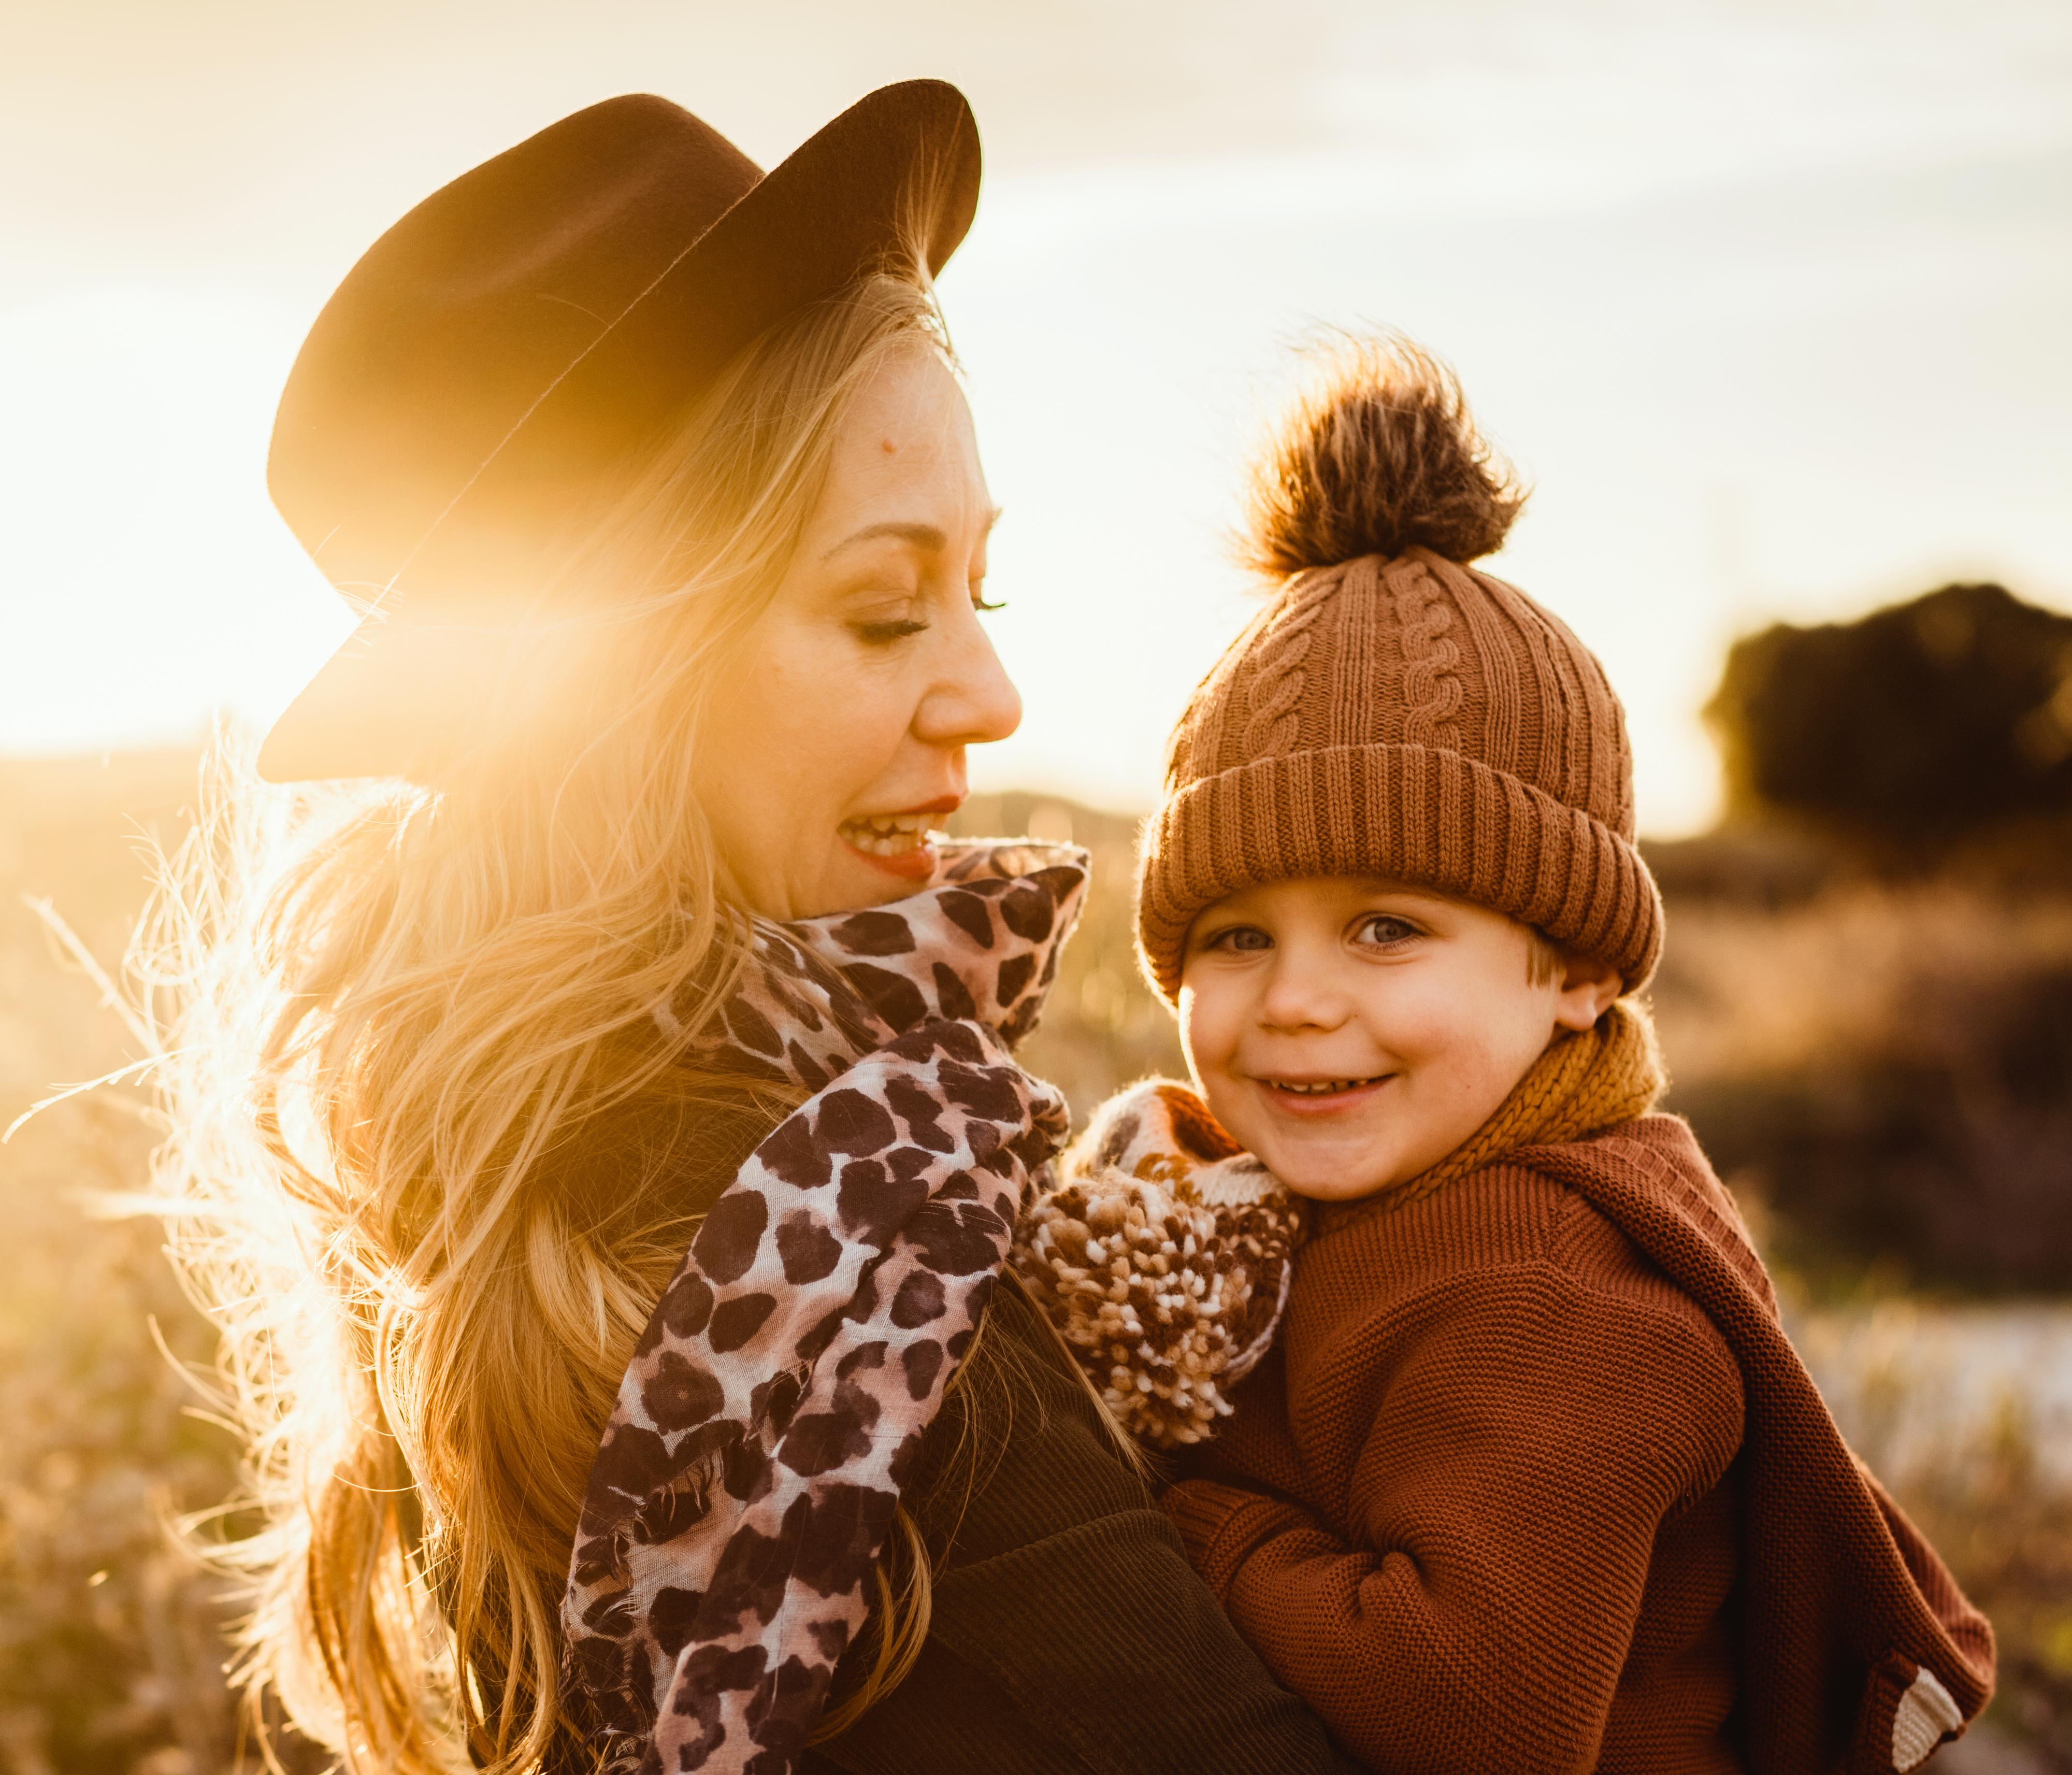 Contate Fotógrafa de grávidas, famílias, recém-nascidos e crianças - Oeiras, Lisboa